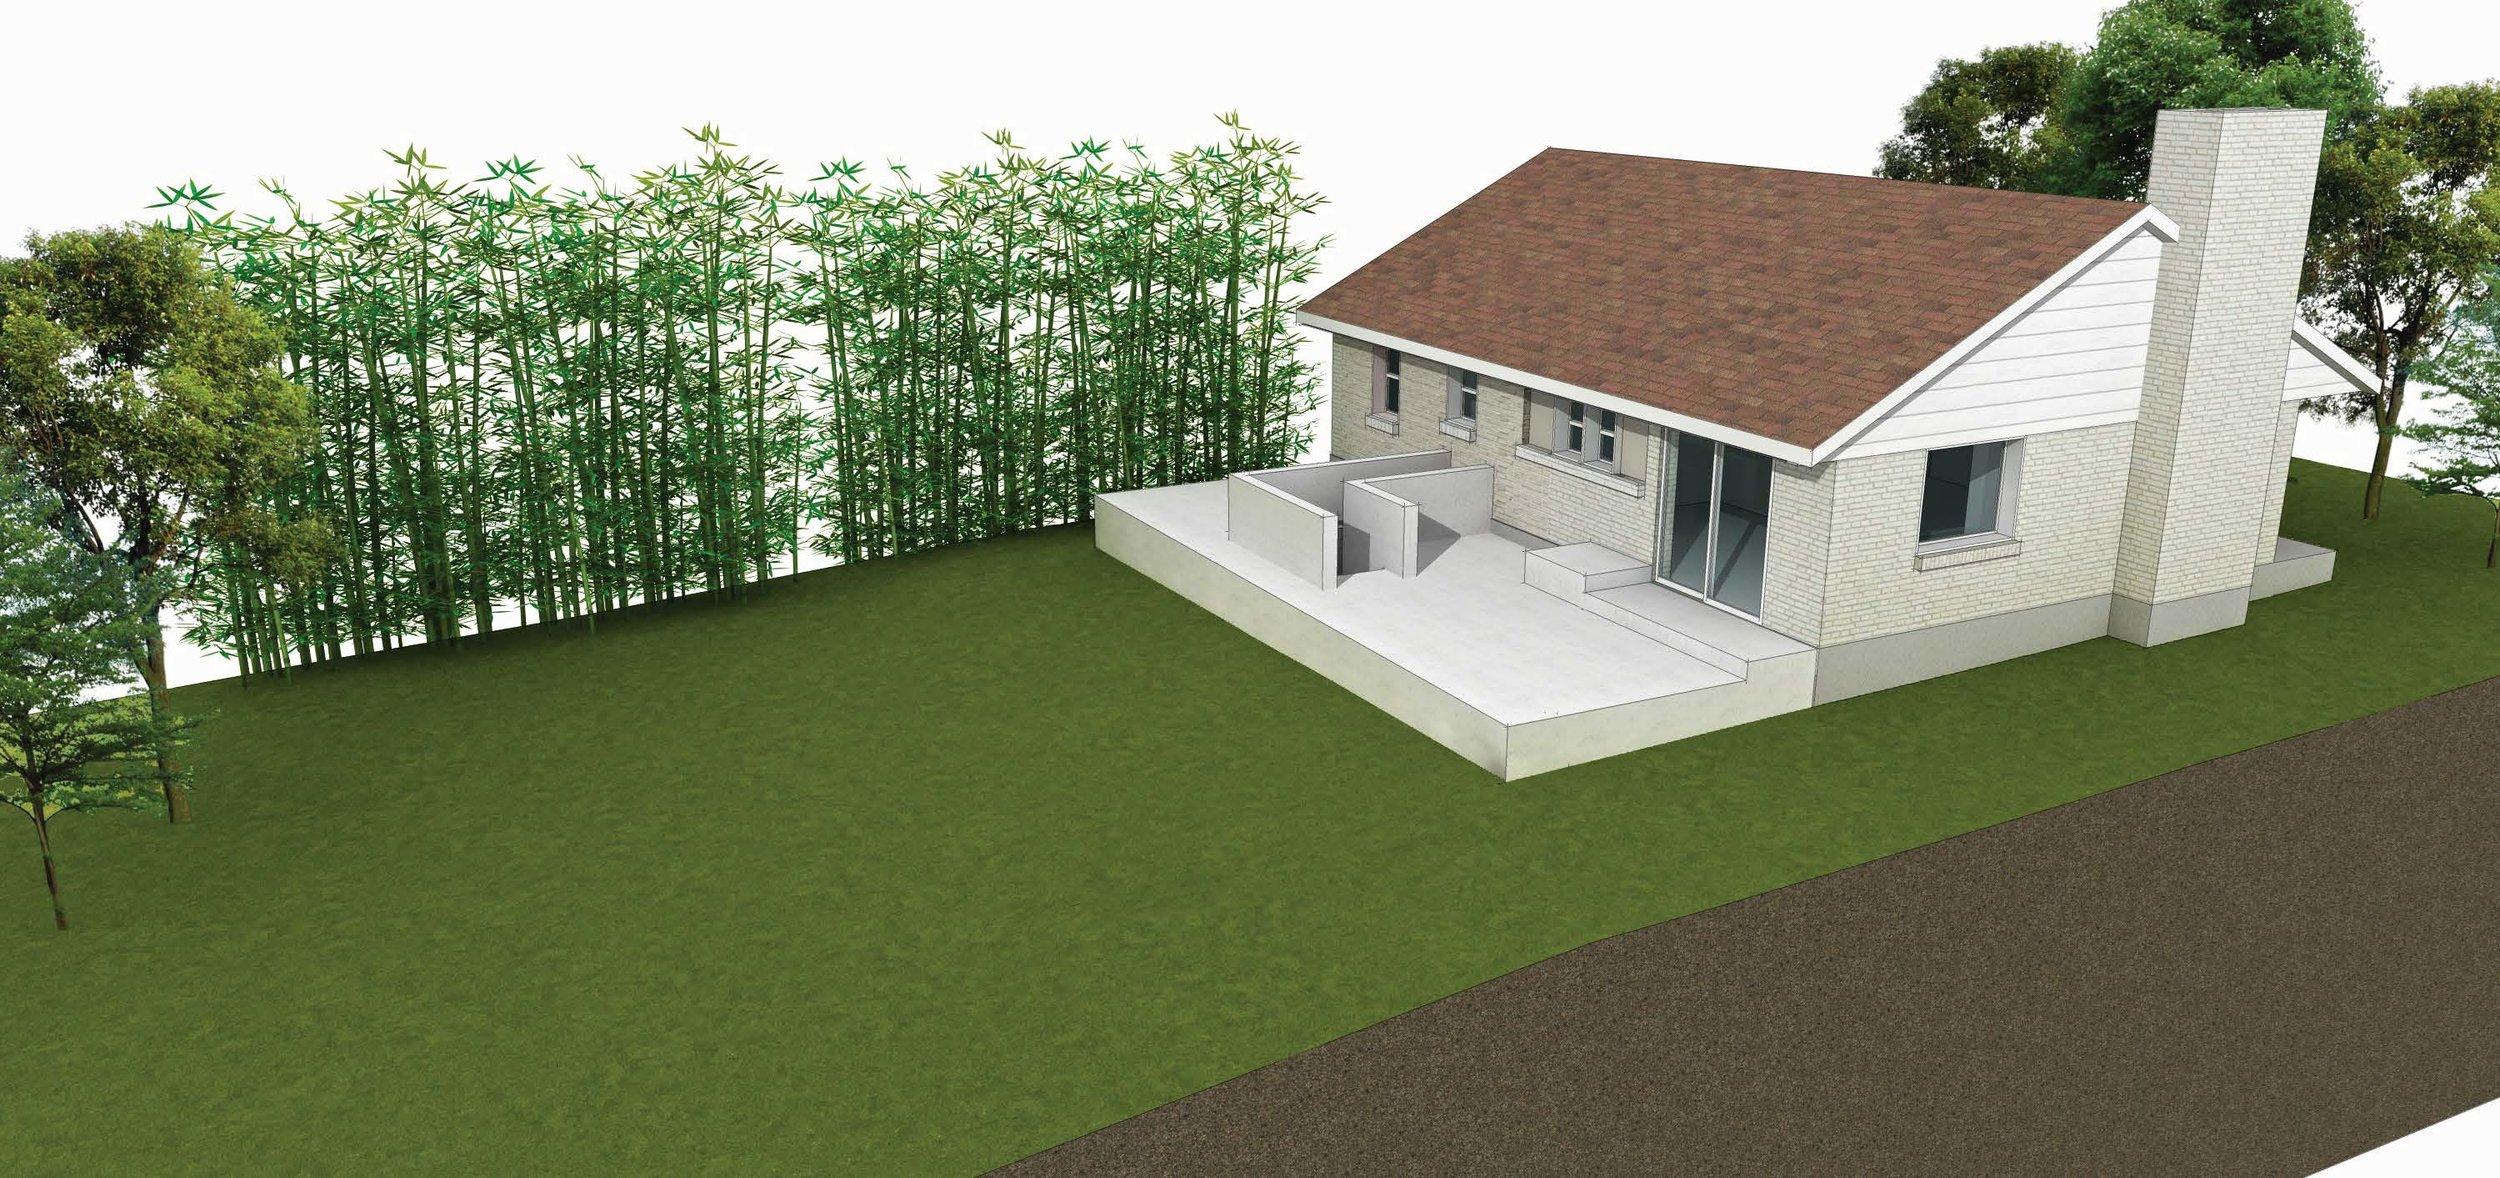 Before rendering